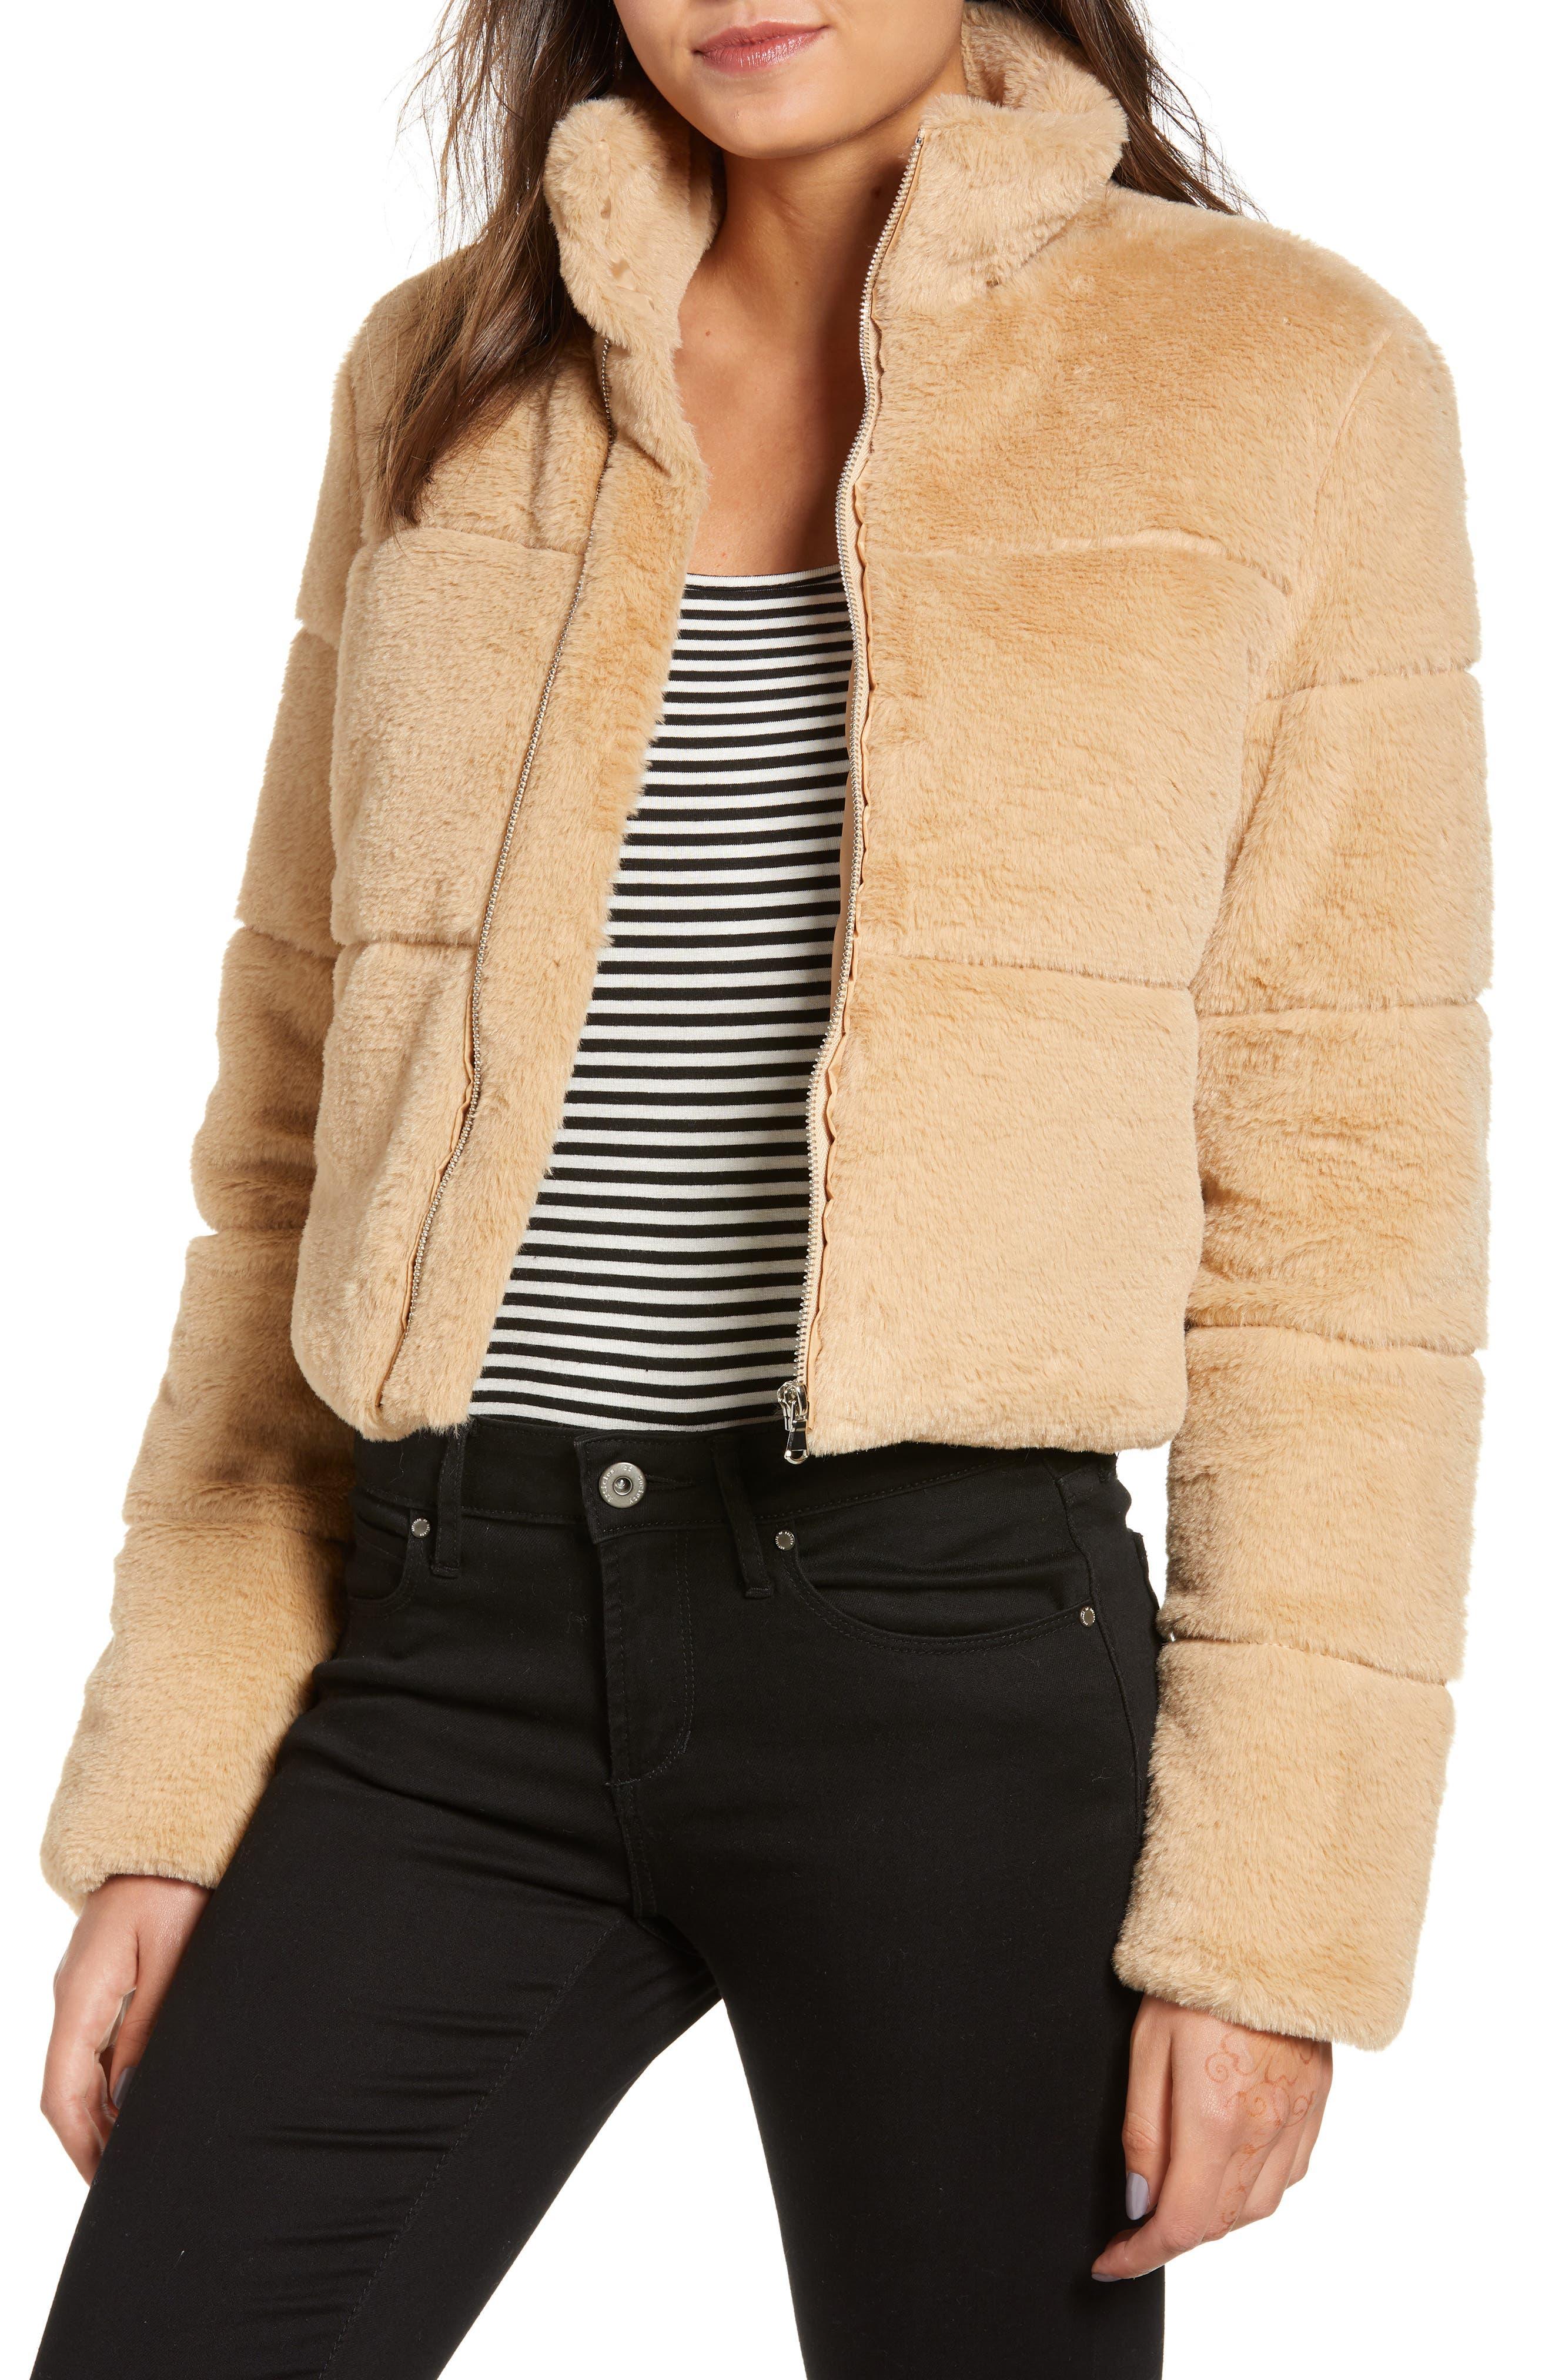 TIGER MIST Bridget Faux Fur Puffer Jacket, Main, color, 250